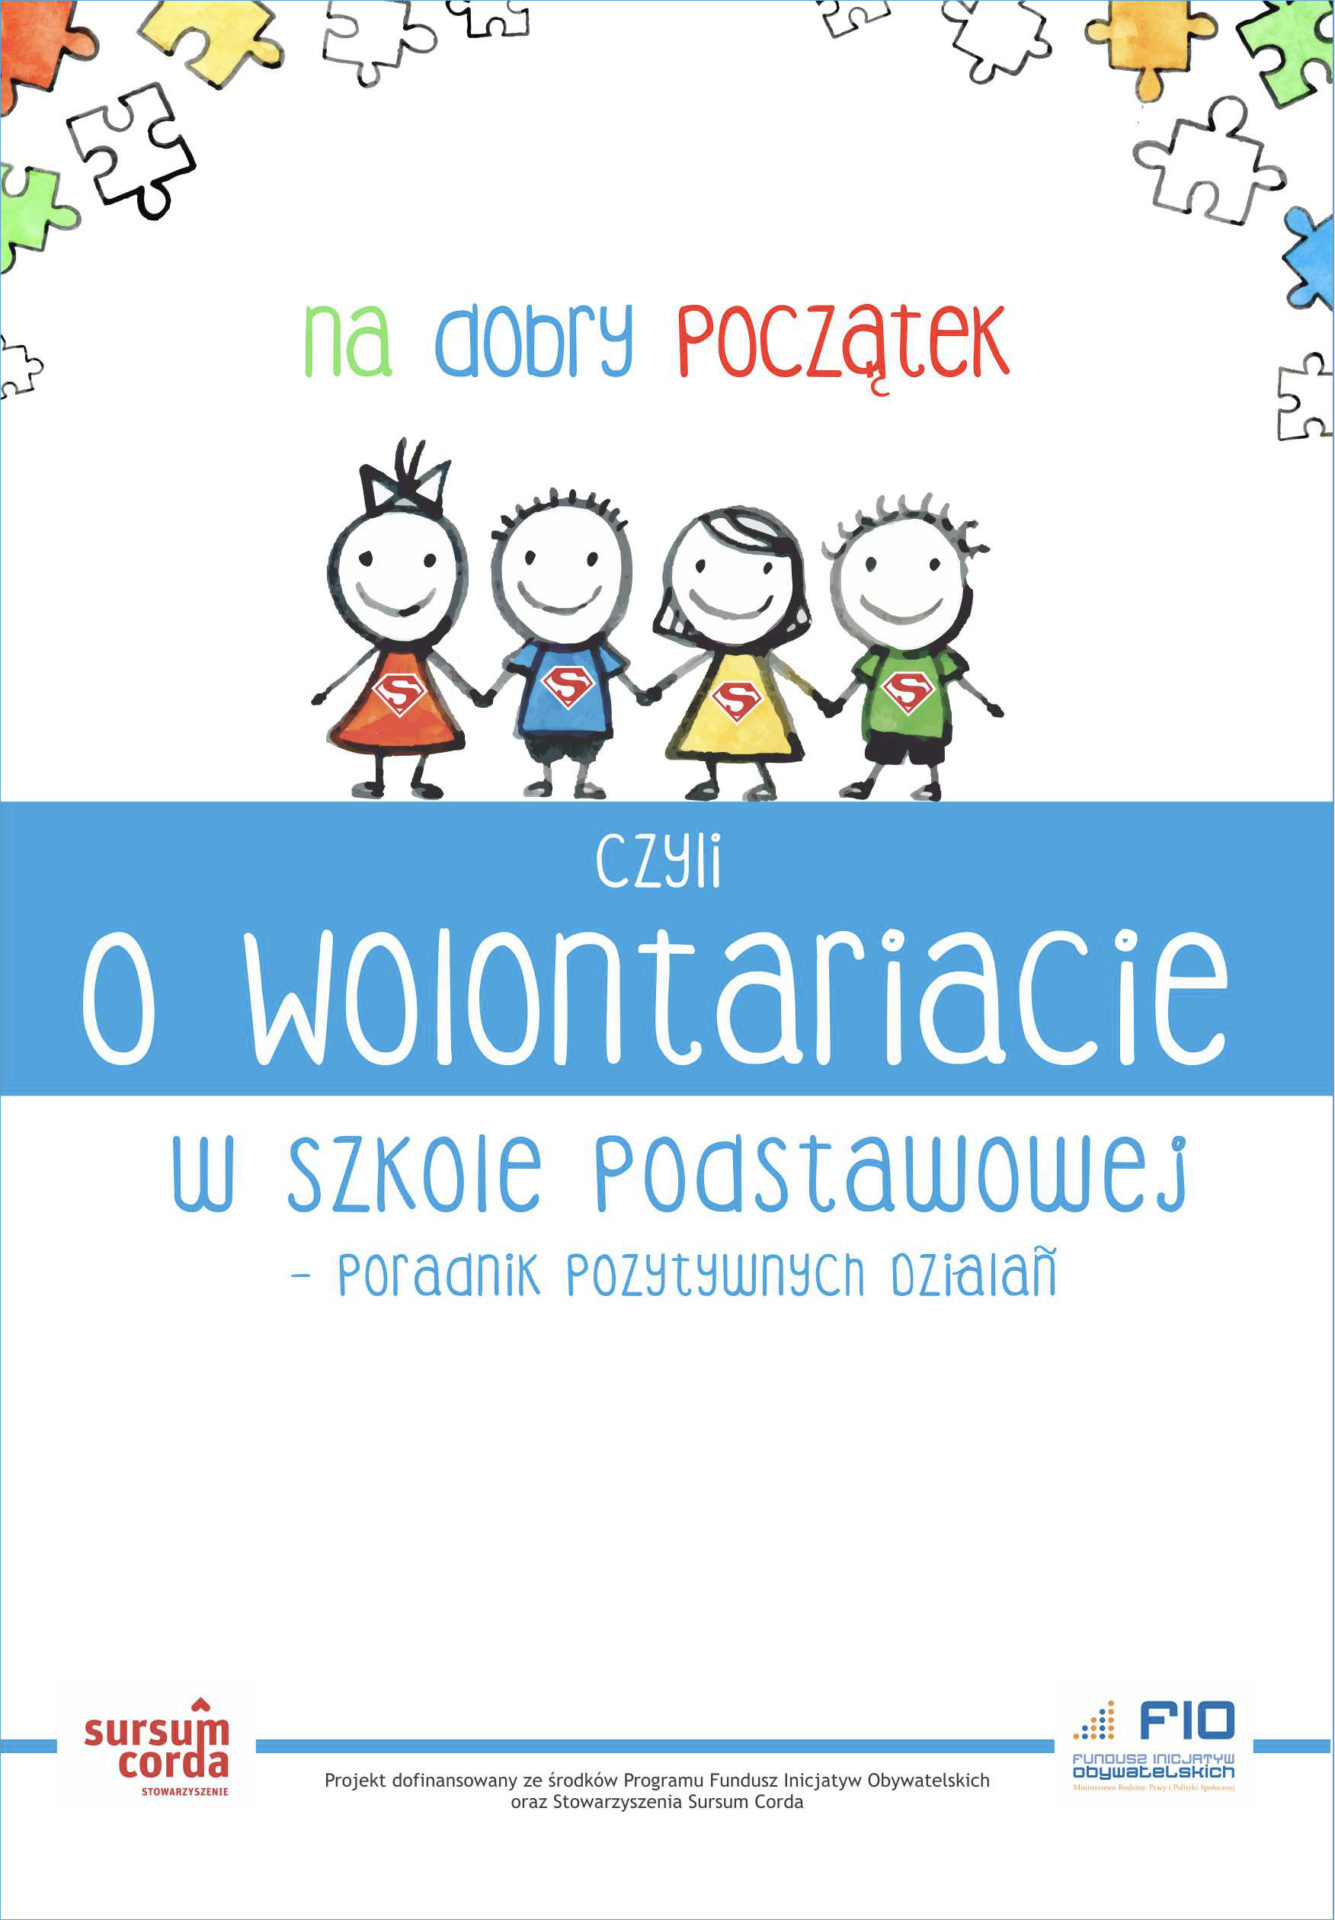 na-dobry-poczatek-wolontariat-w-sp-okladka_broszury-03